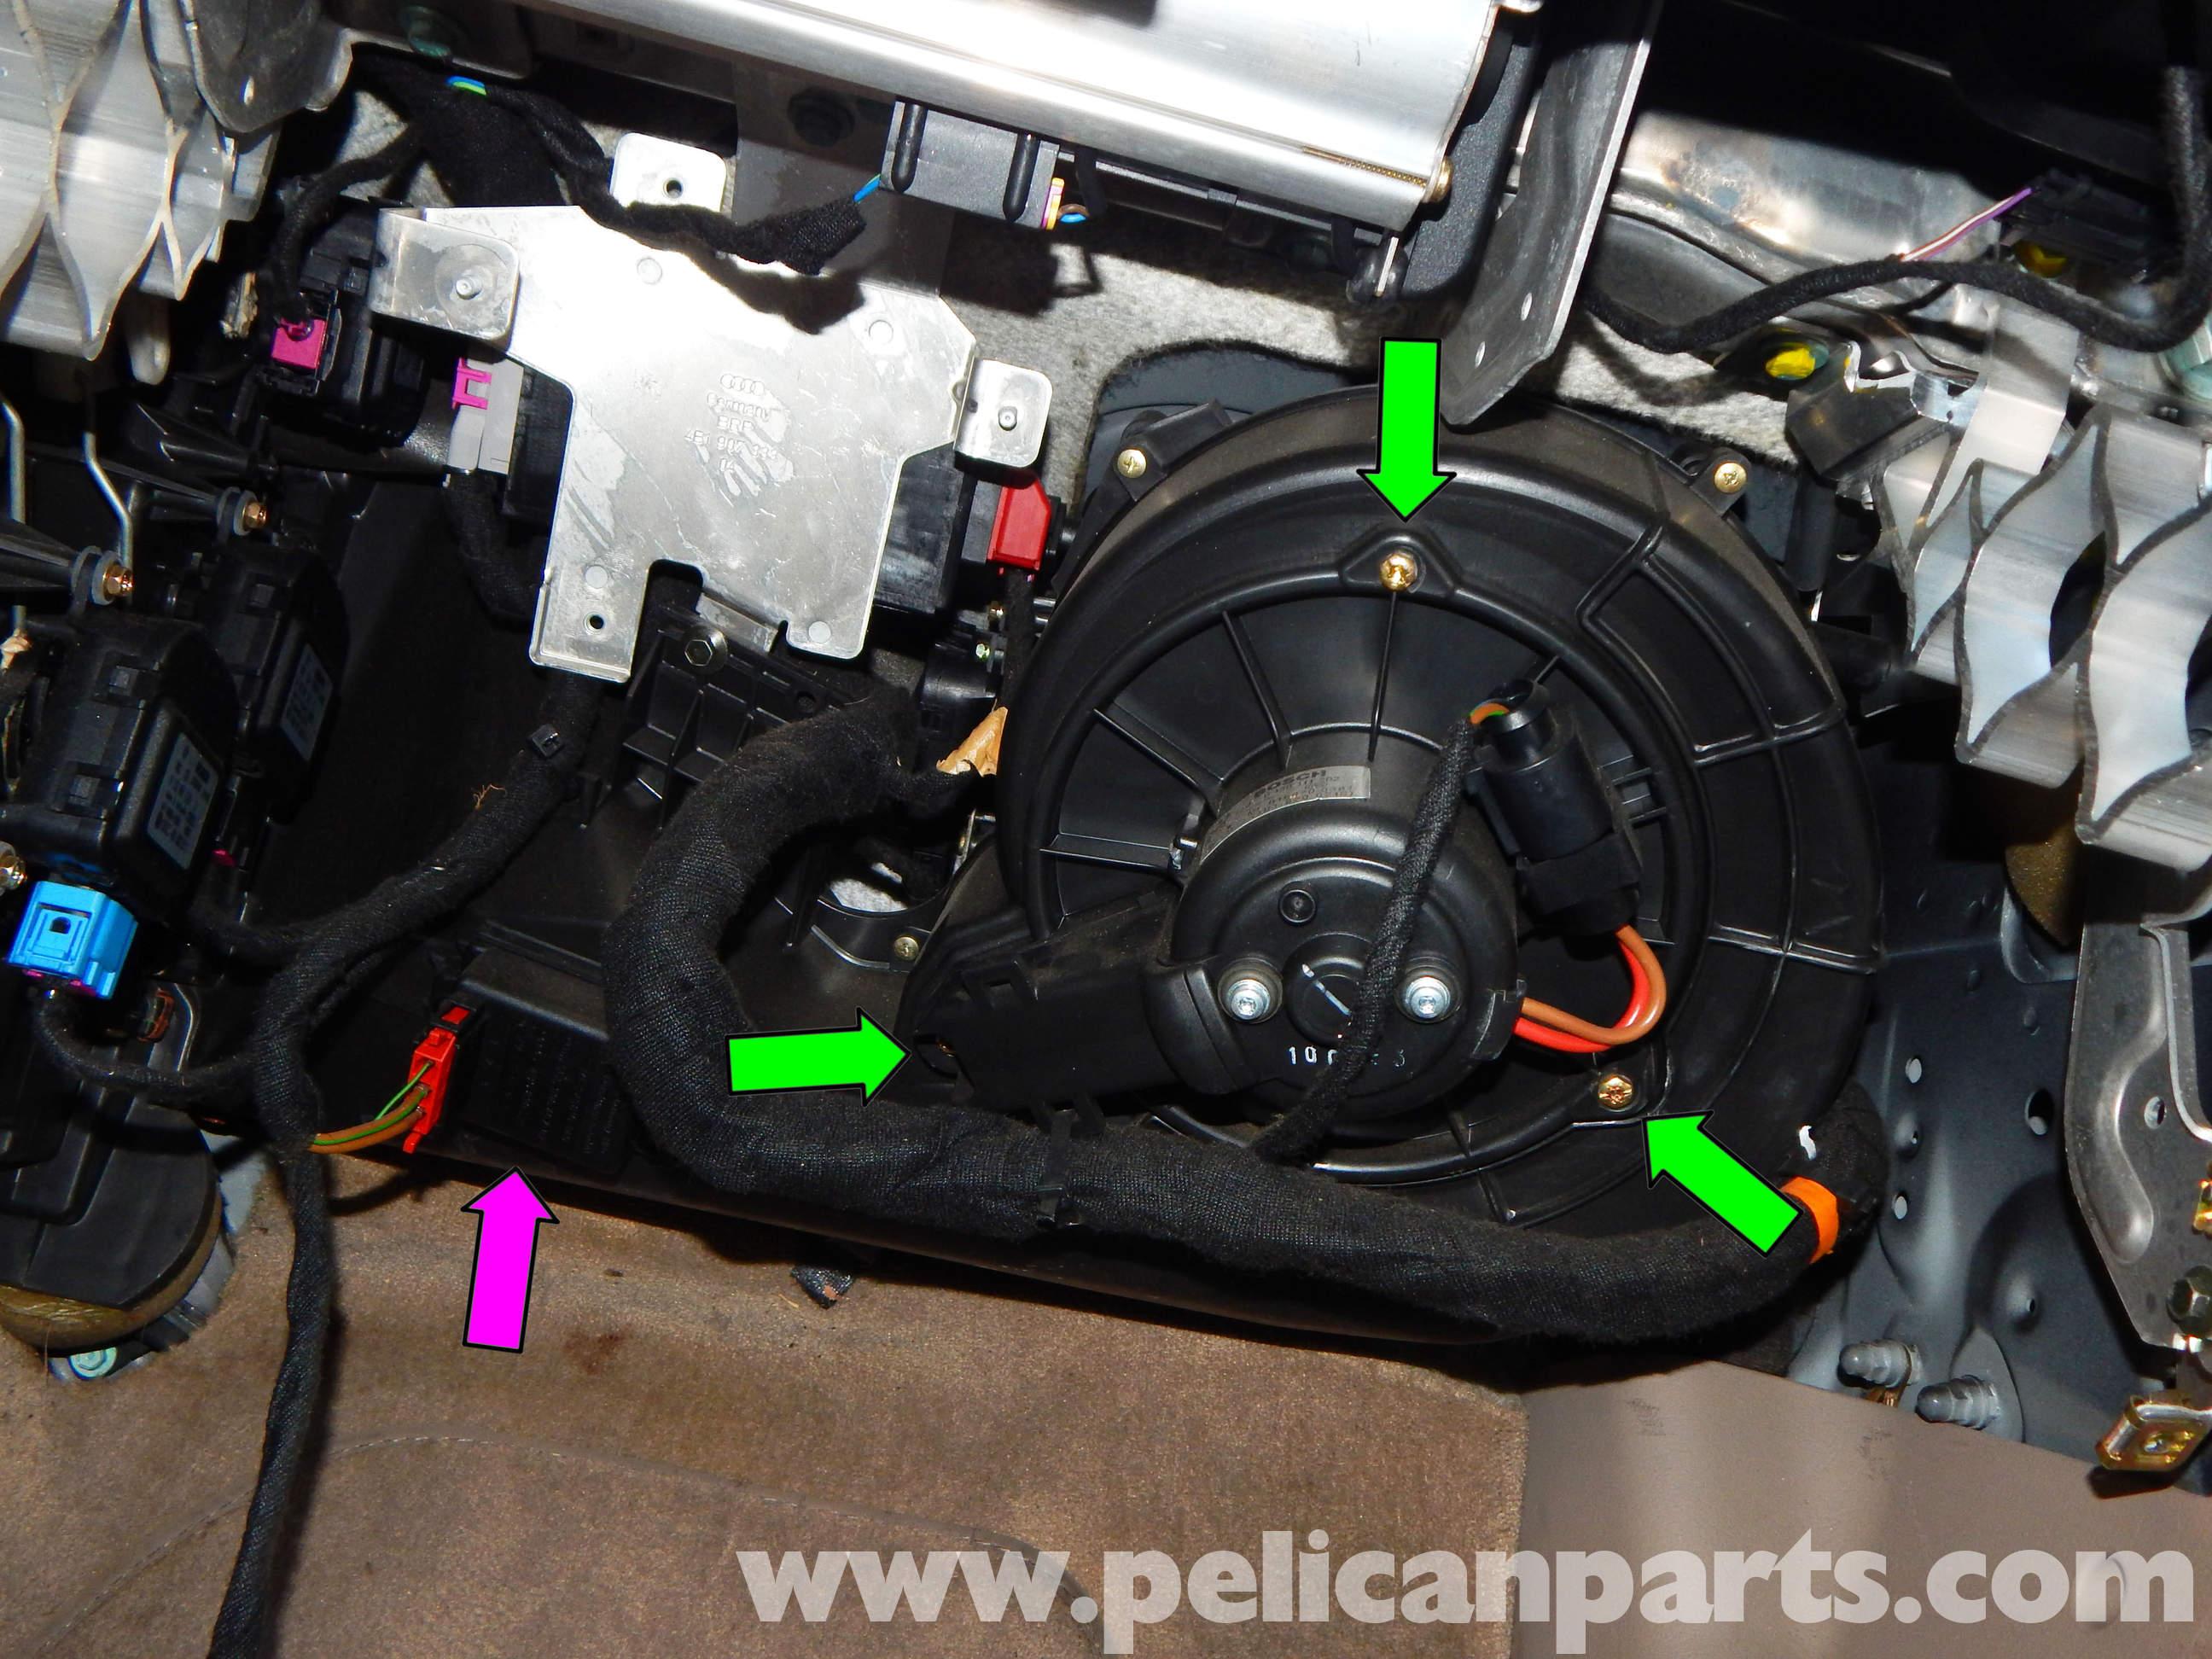 Pelican Technical Article Audi A6 C5 Hvac Blower Motor